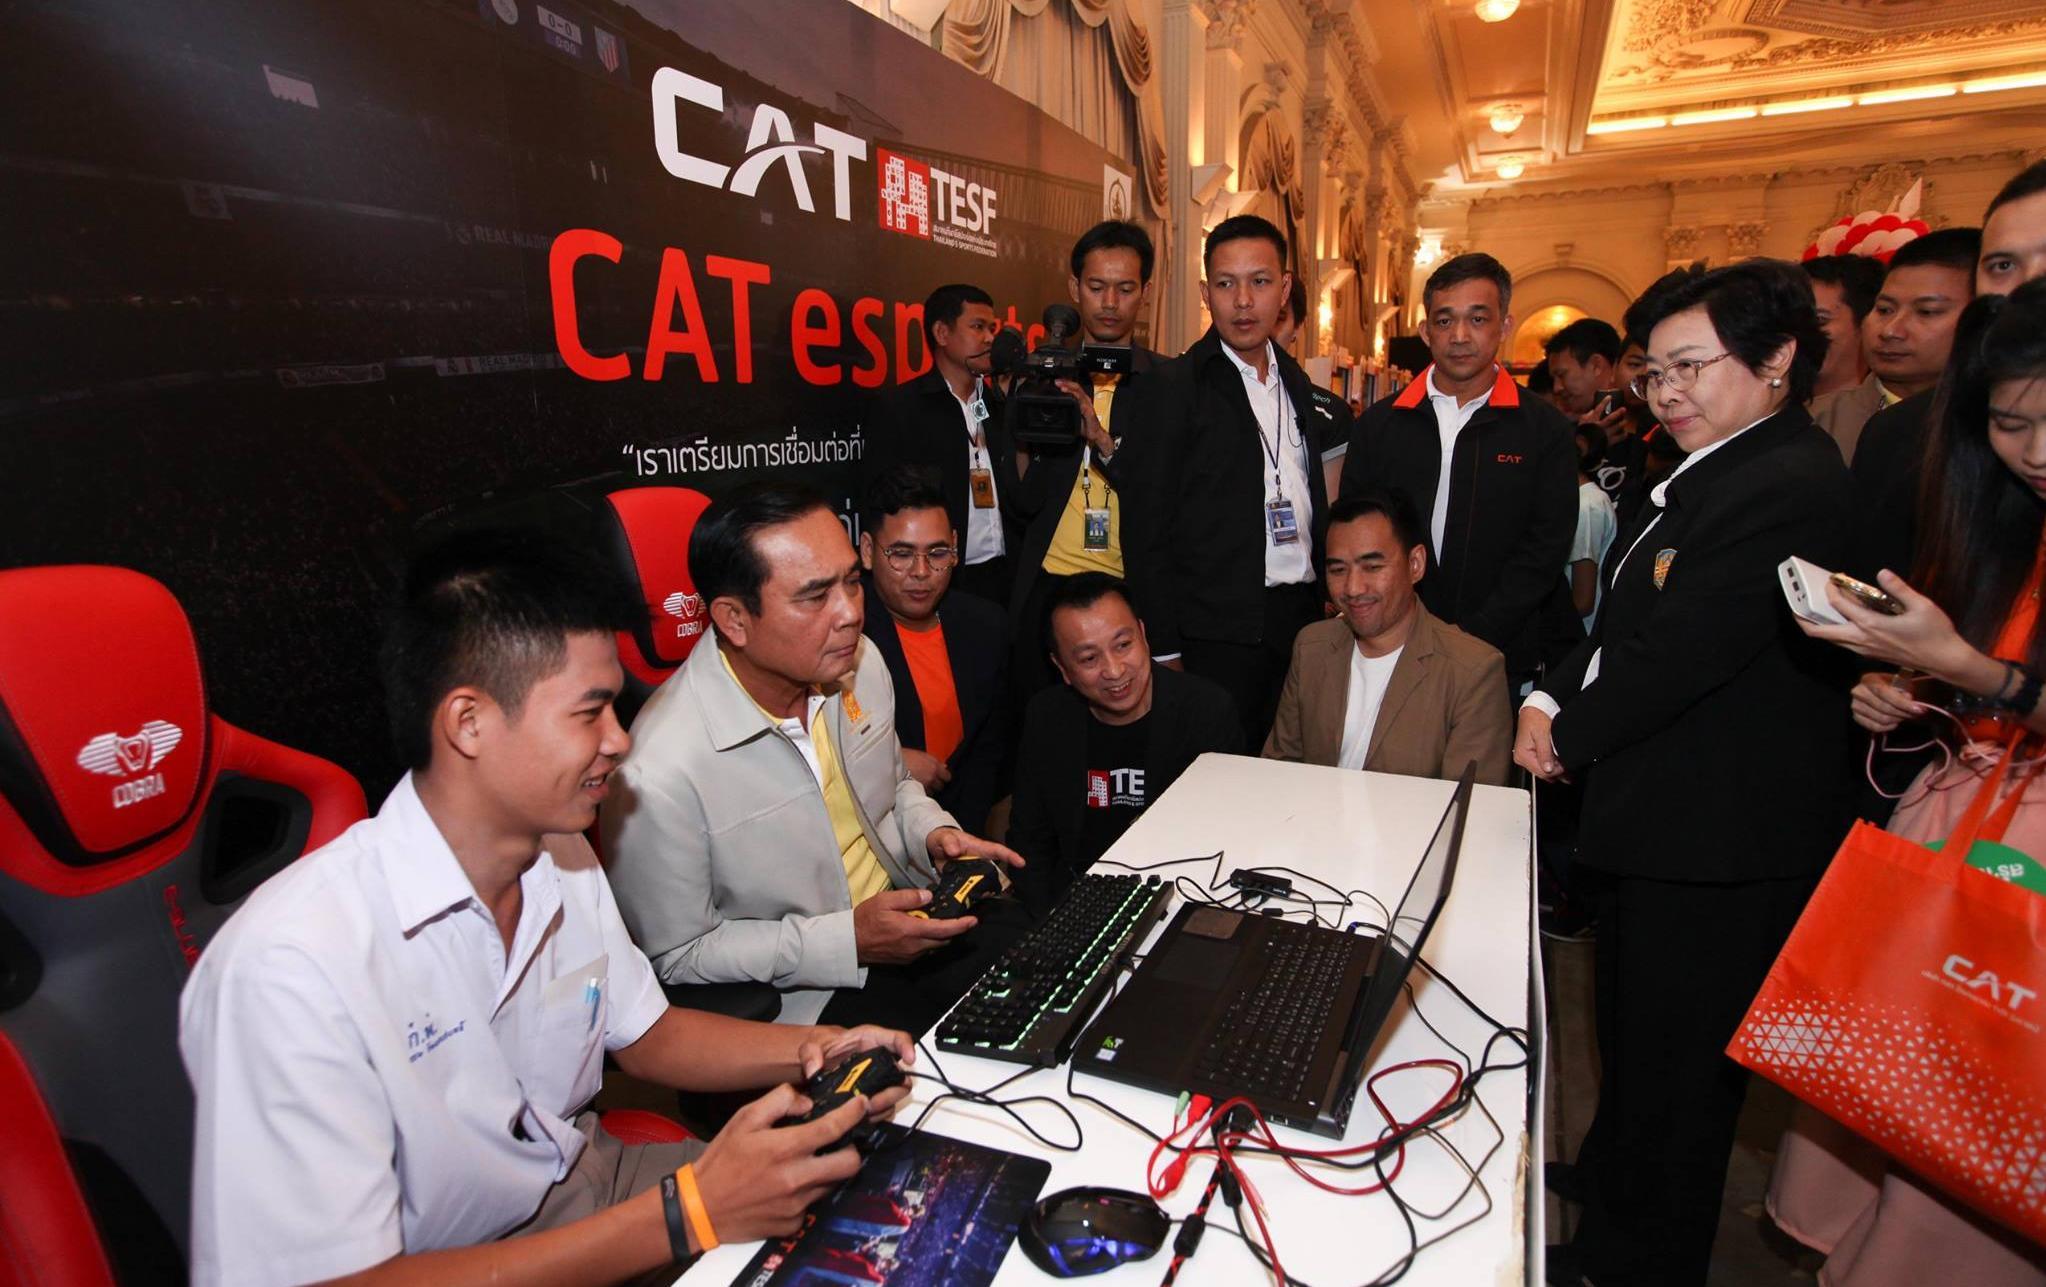 CAT ร่วมกับสมาคมกีฬาอีสปอร์ตแห่งประเทศไทย จัดกิจกรรม CAT esports ในงานวันเด็กแห่งชาติ